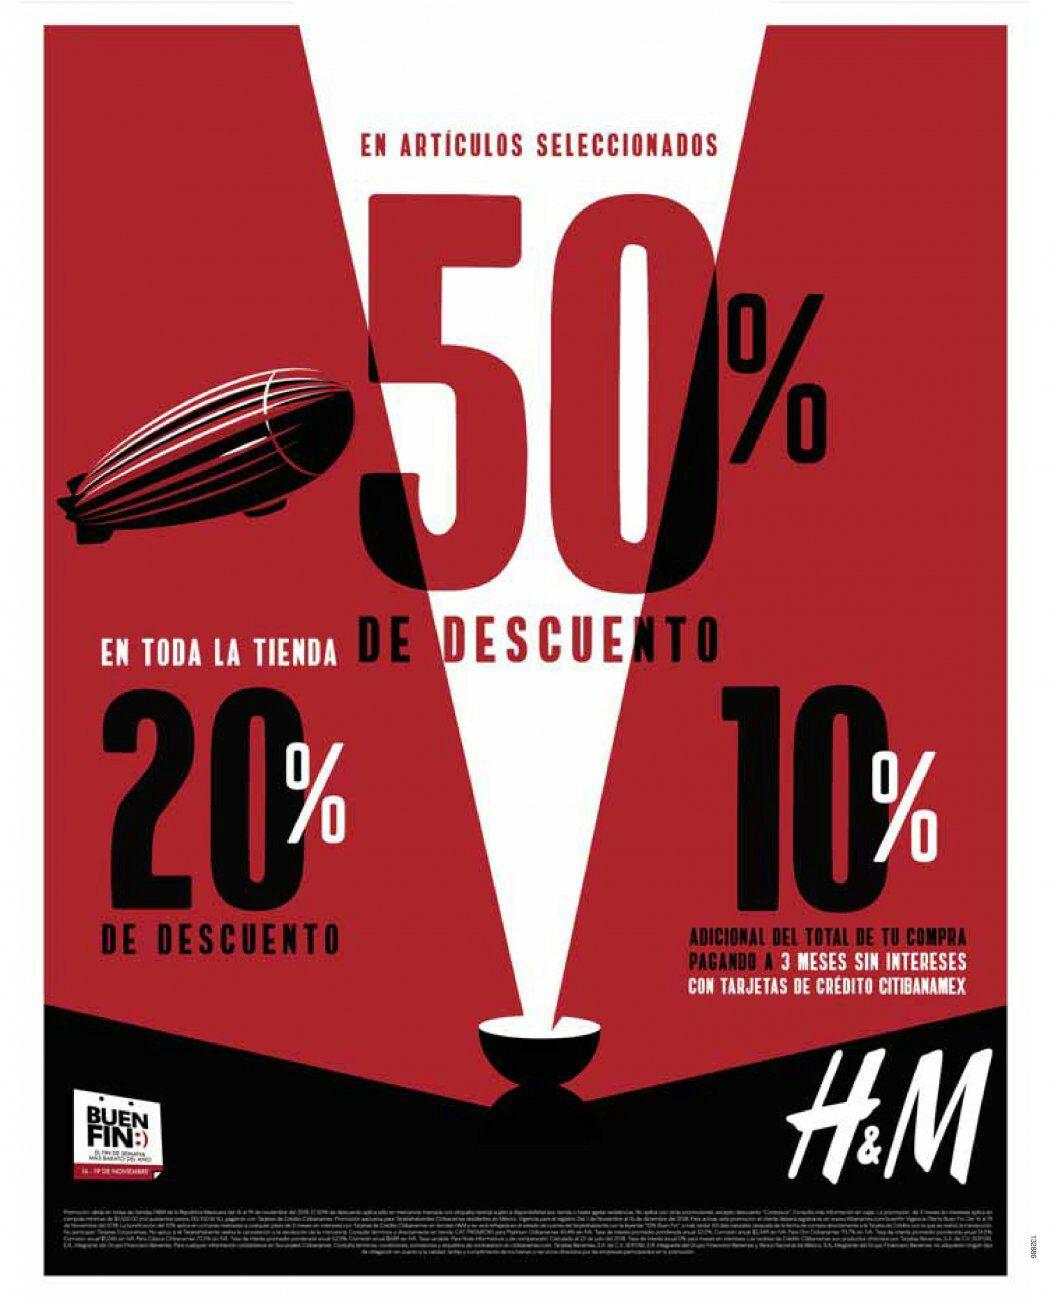 Buen Fin 2018 en H&M: 20% de desc. en toda la tienda... 50% de desc. en artículos seleccionados... 10% adicional a 3 MSI con CitiBanamex